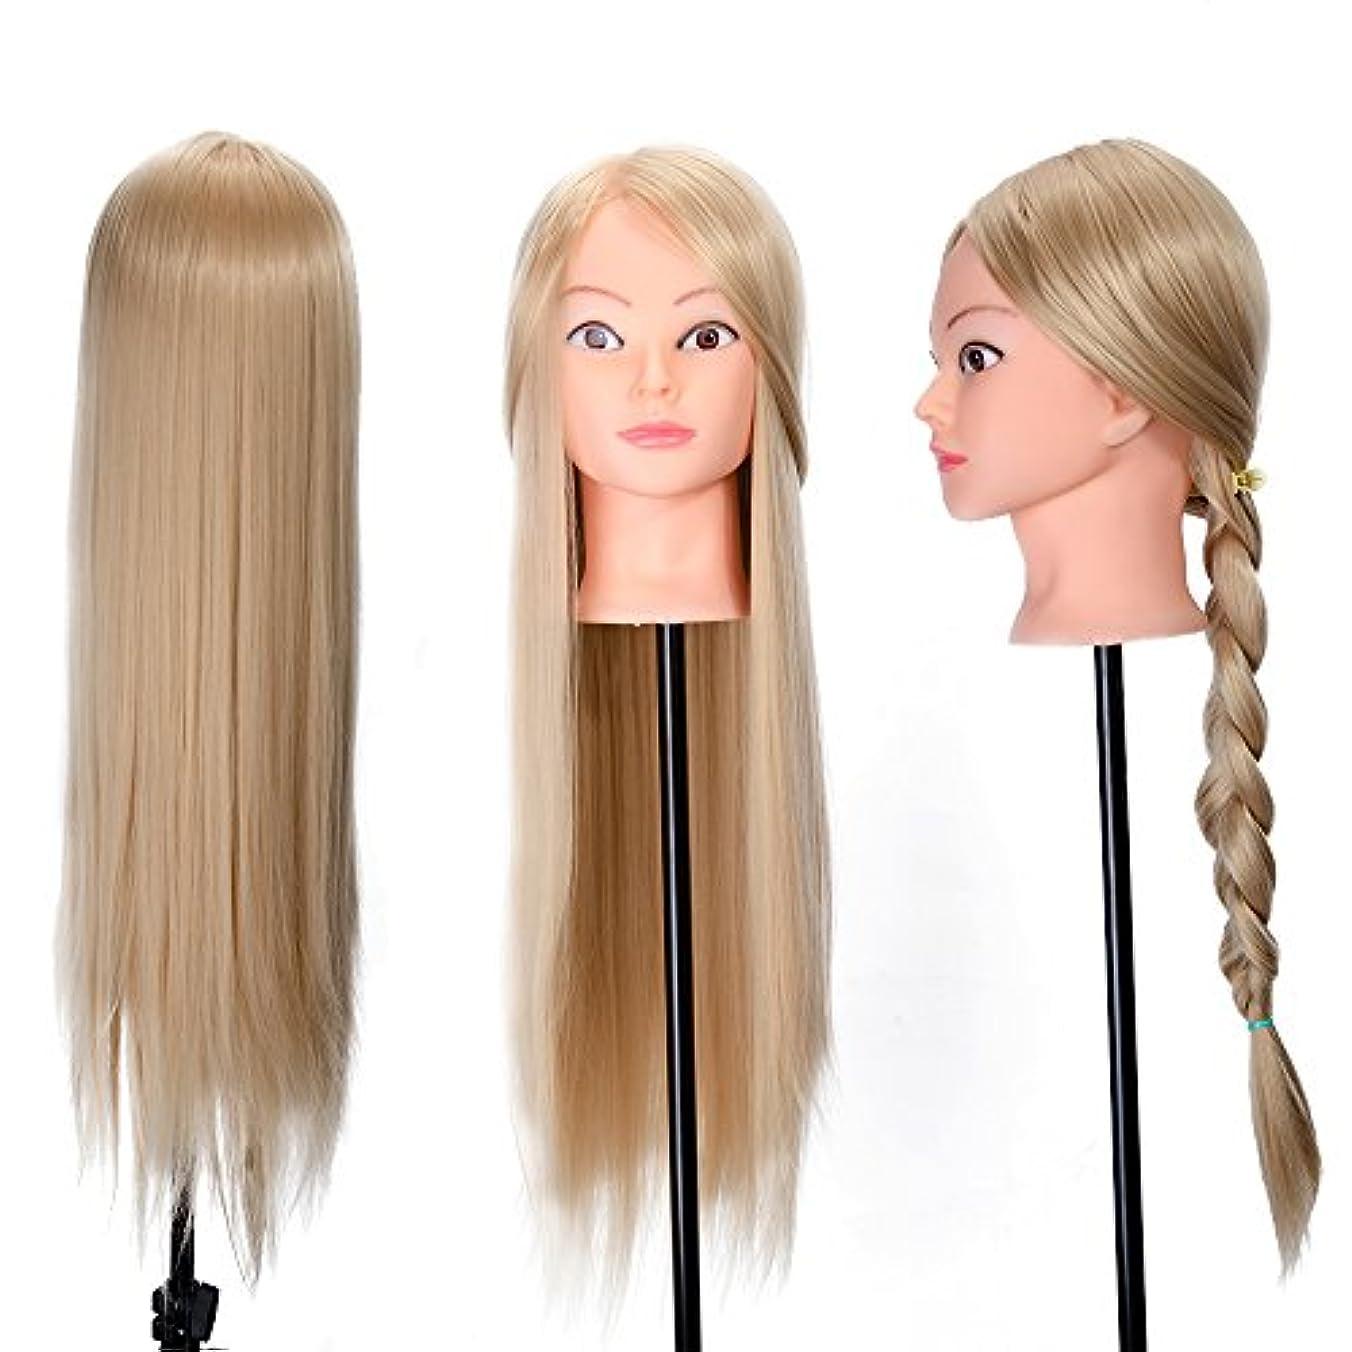 26インチトレーニングヘッドヘア編組モデルヘアスタイル人形でテーブルクランプサロンスタイリングデザインマネキンダミーヘッド